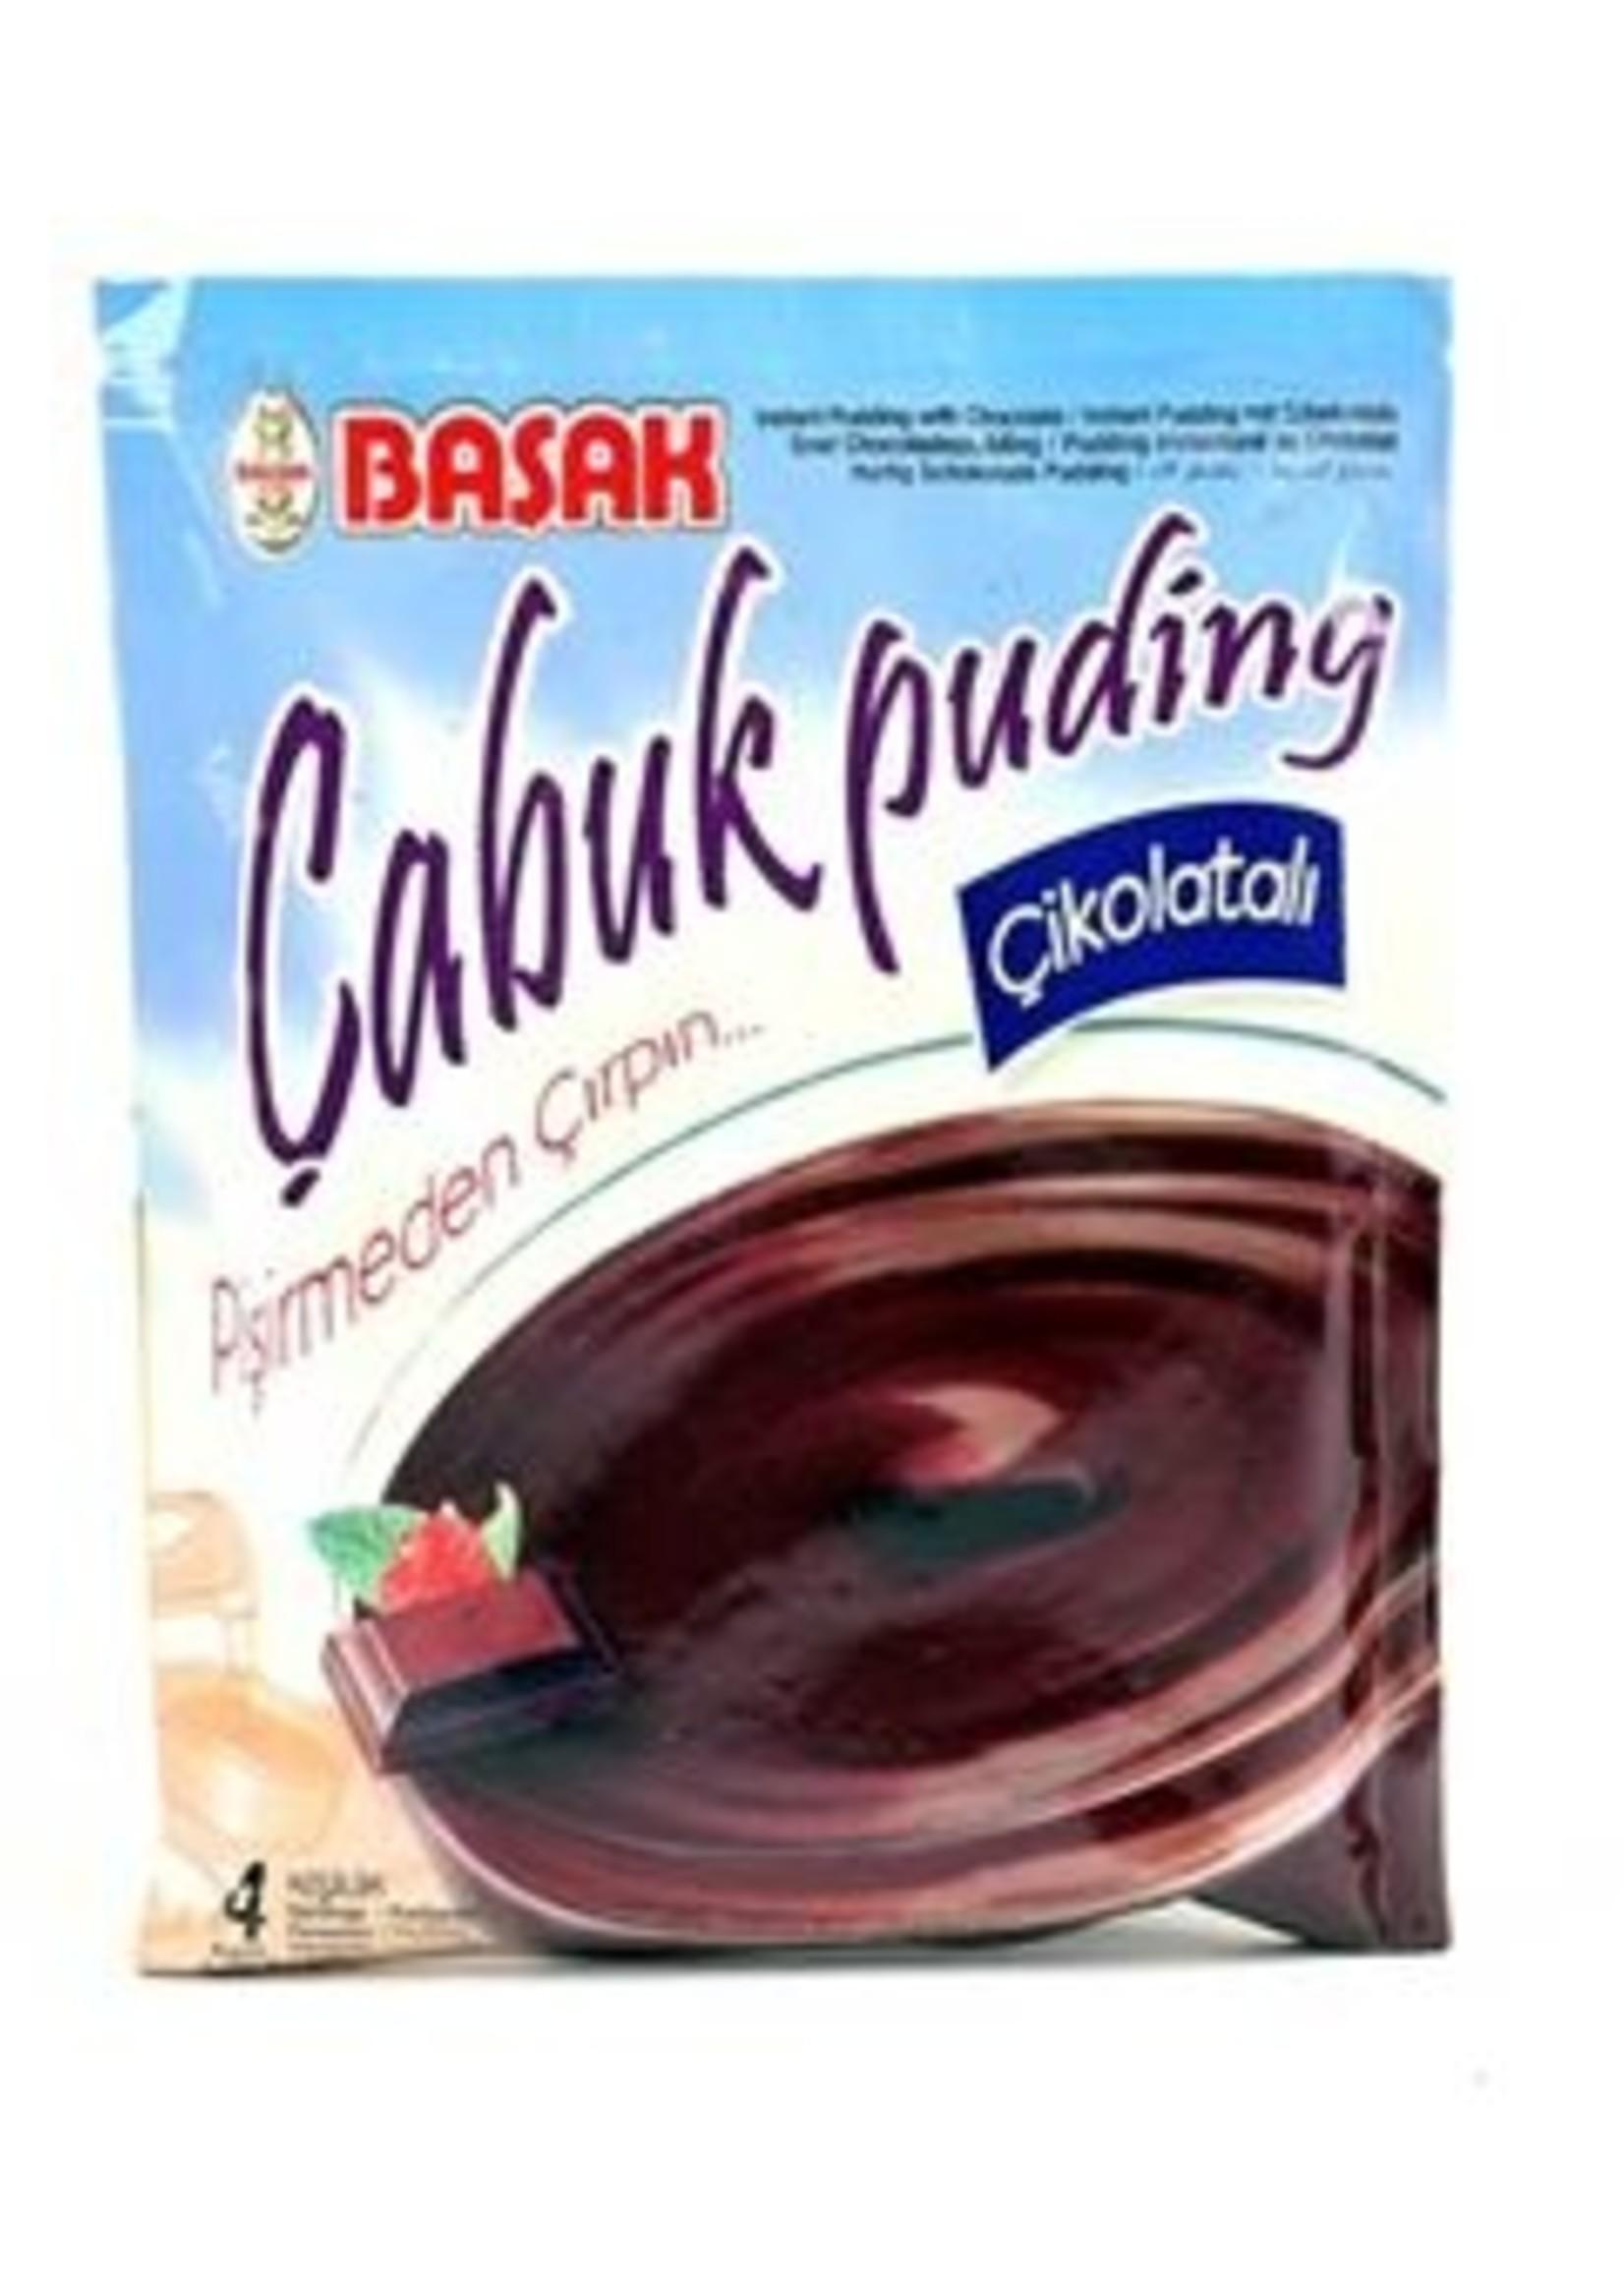 Basak Basak Chocoladepudding 125 gram